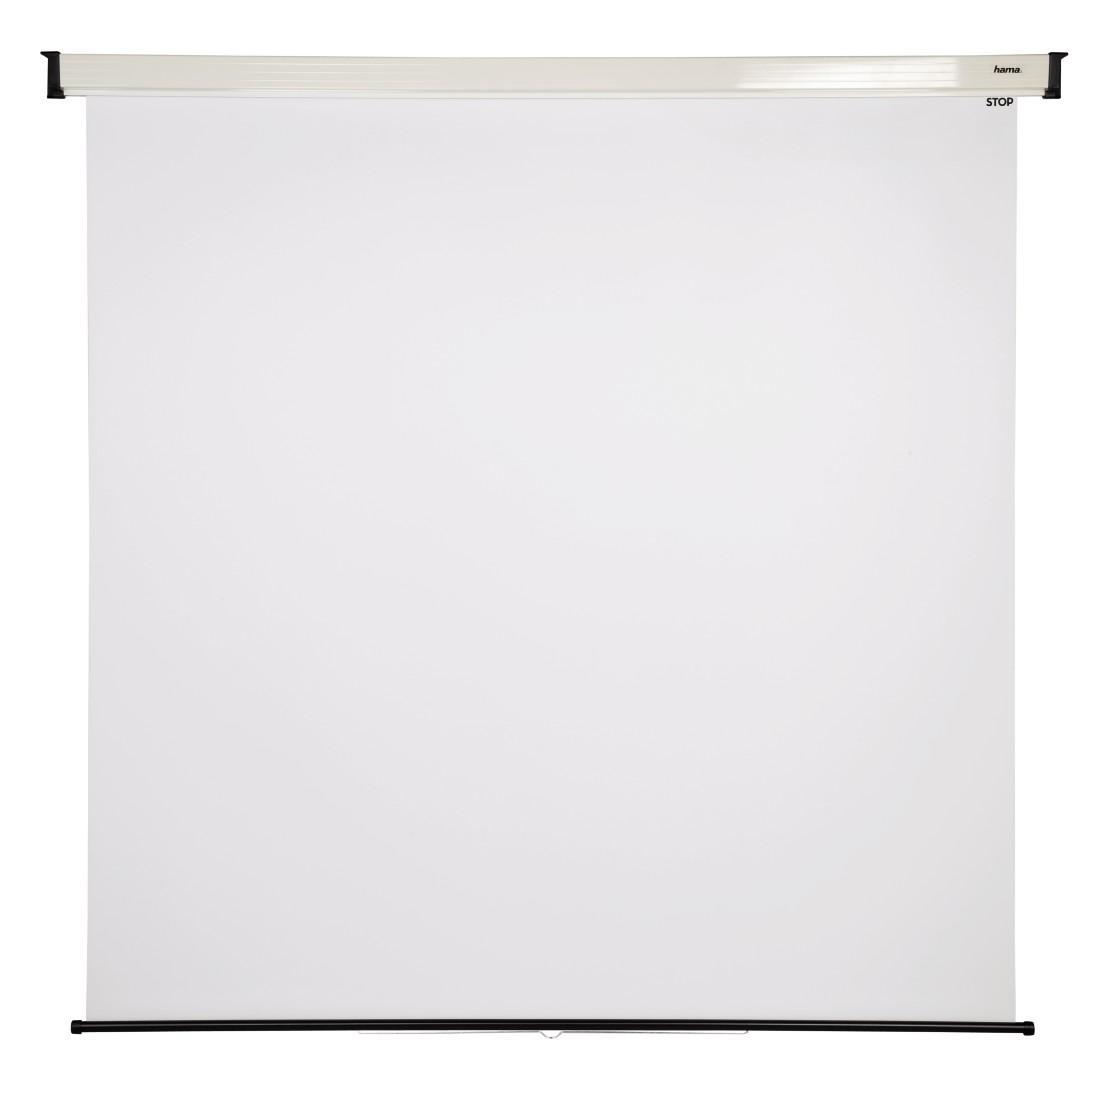 Проекторен екран за стена HAMA 18747, 200 x 200, 1:1